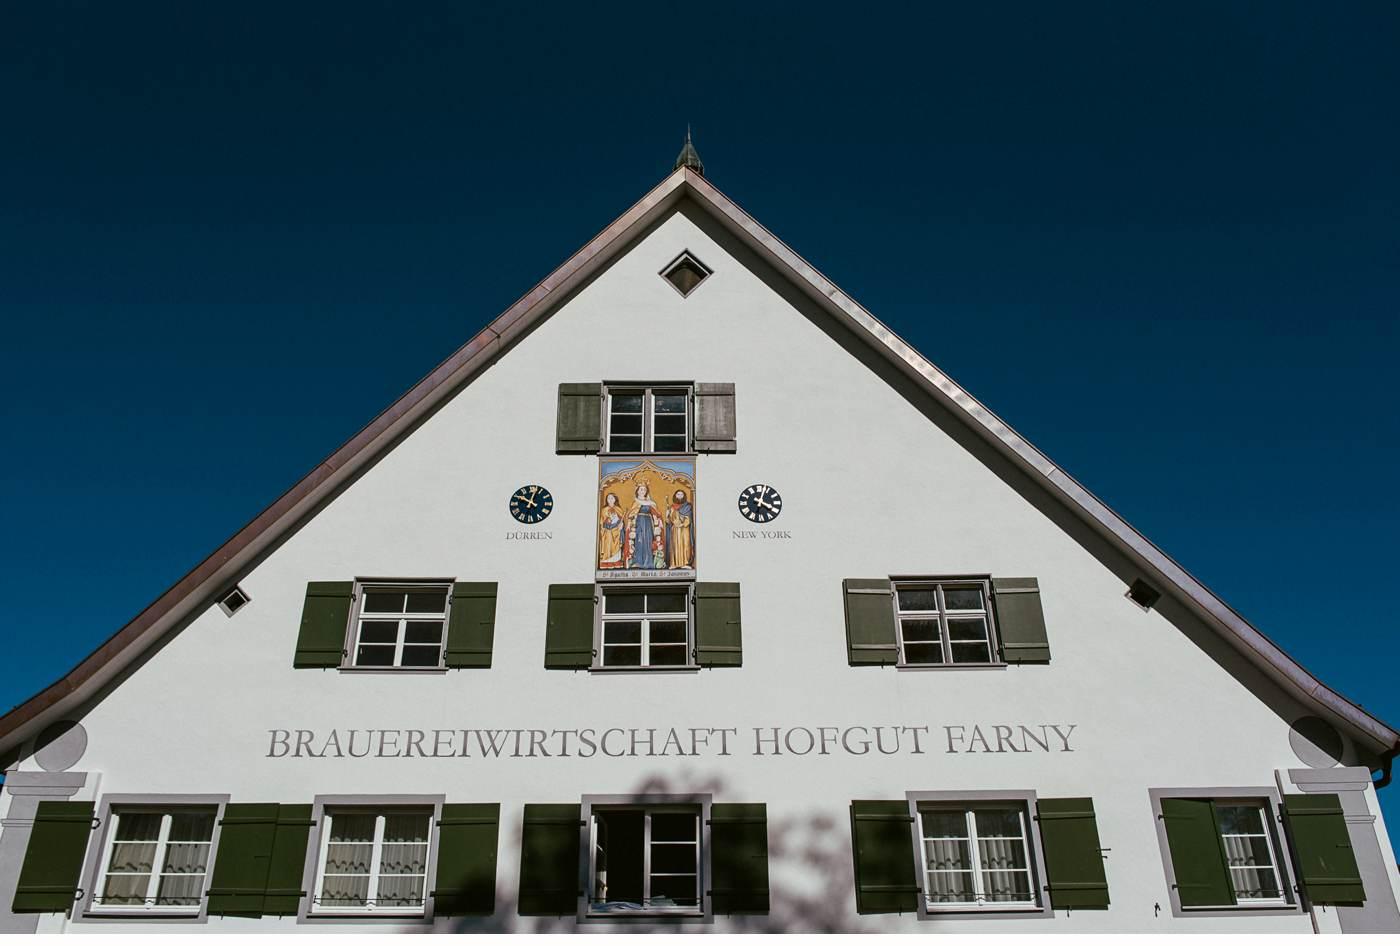 hofgut-duerren-hotel-farny-zwischen-bodensee-und-allgaeu-18-von-77